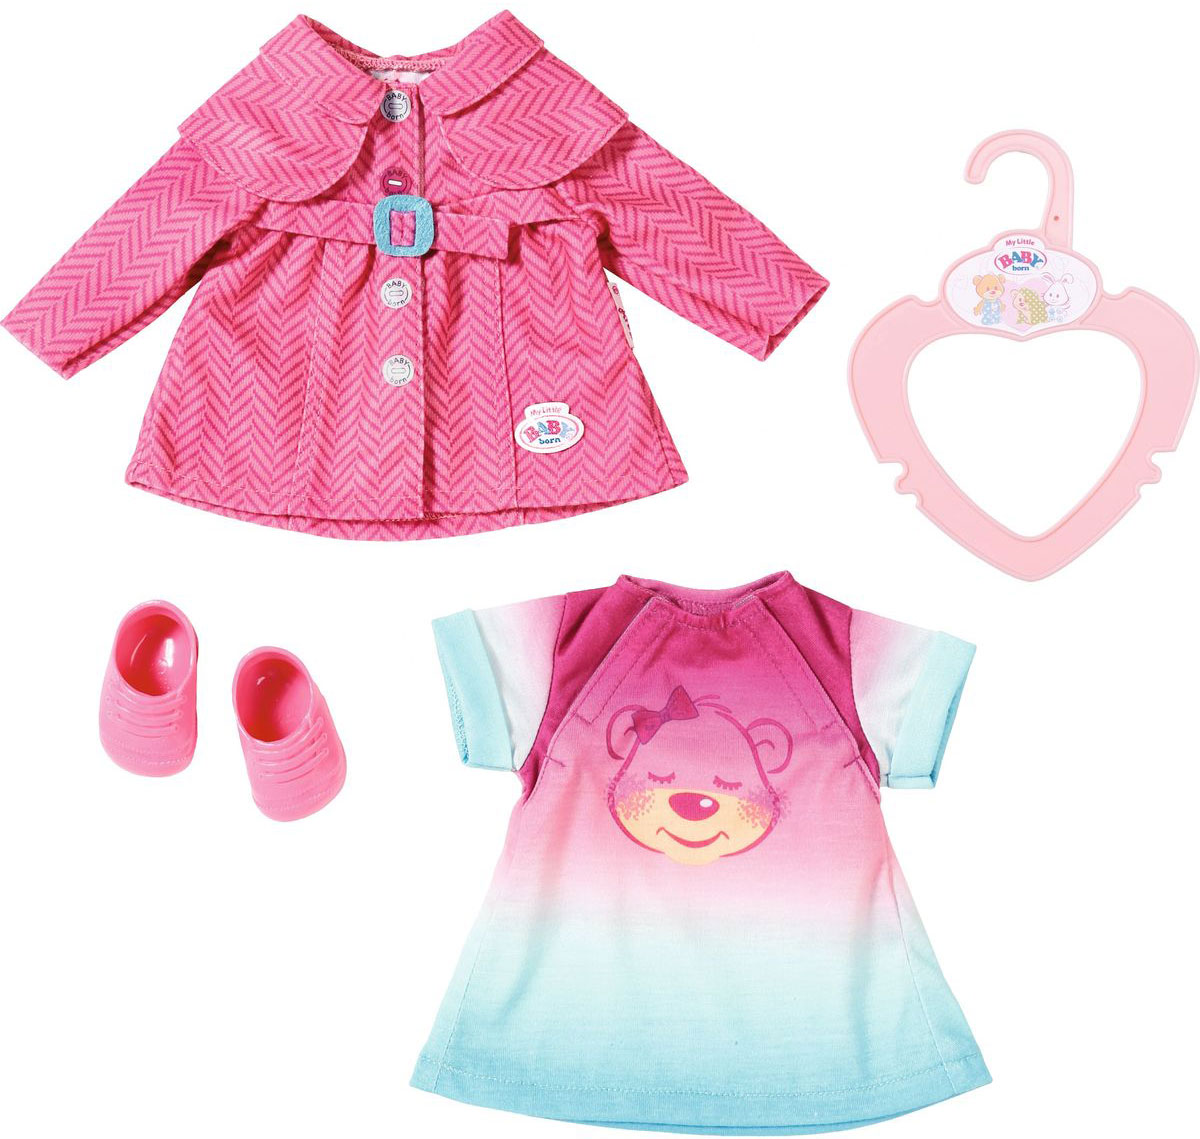 Baby Born Прогулочный комплект одежды для куклы aod270 268blw acer купить